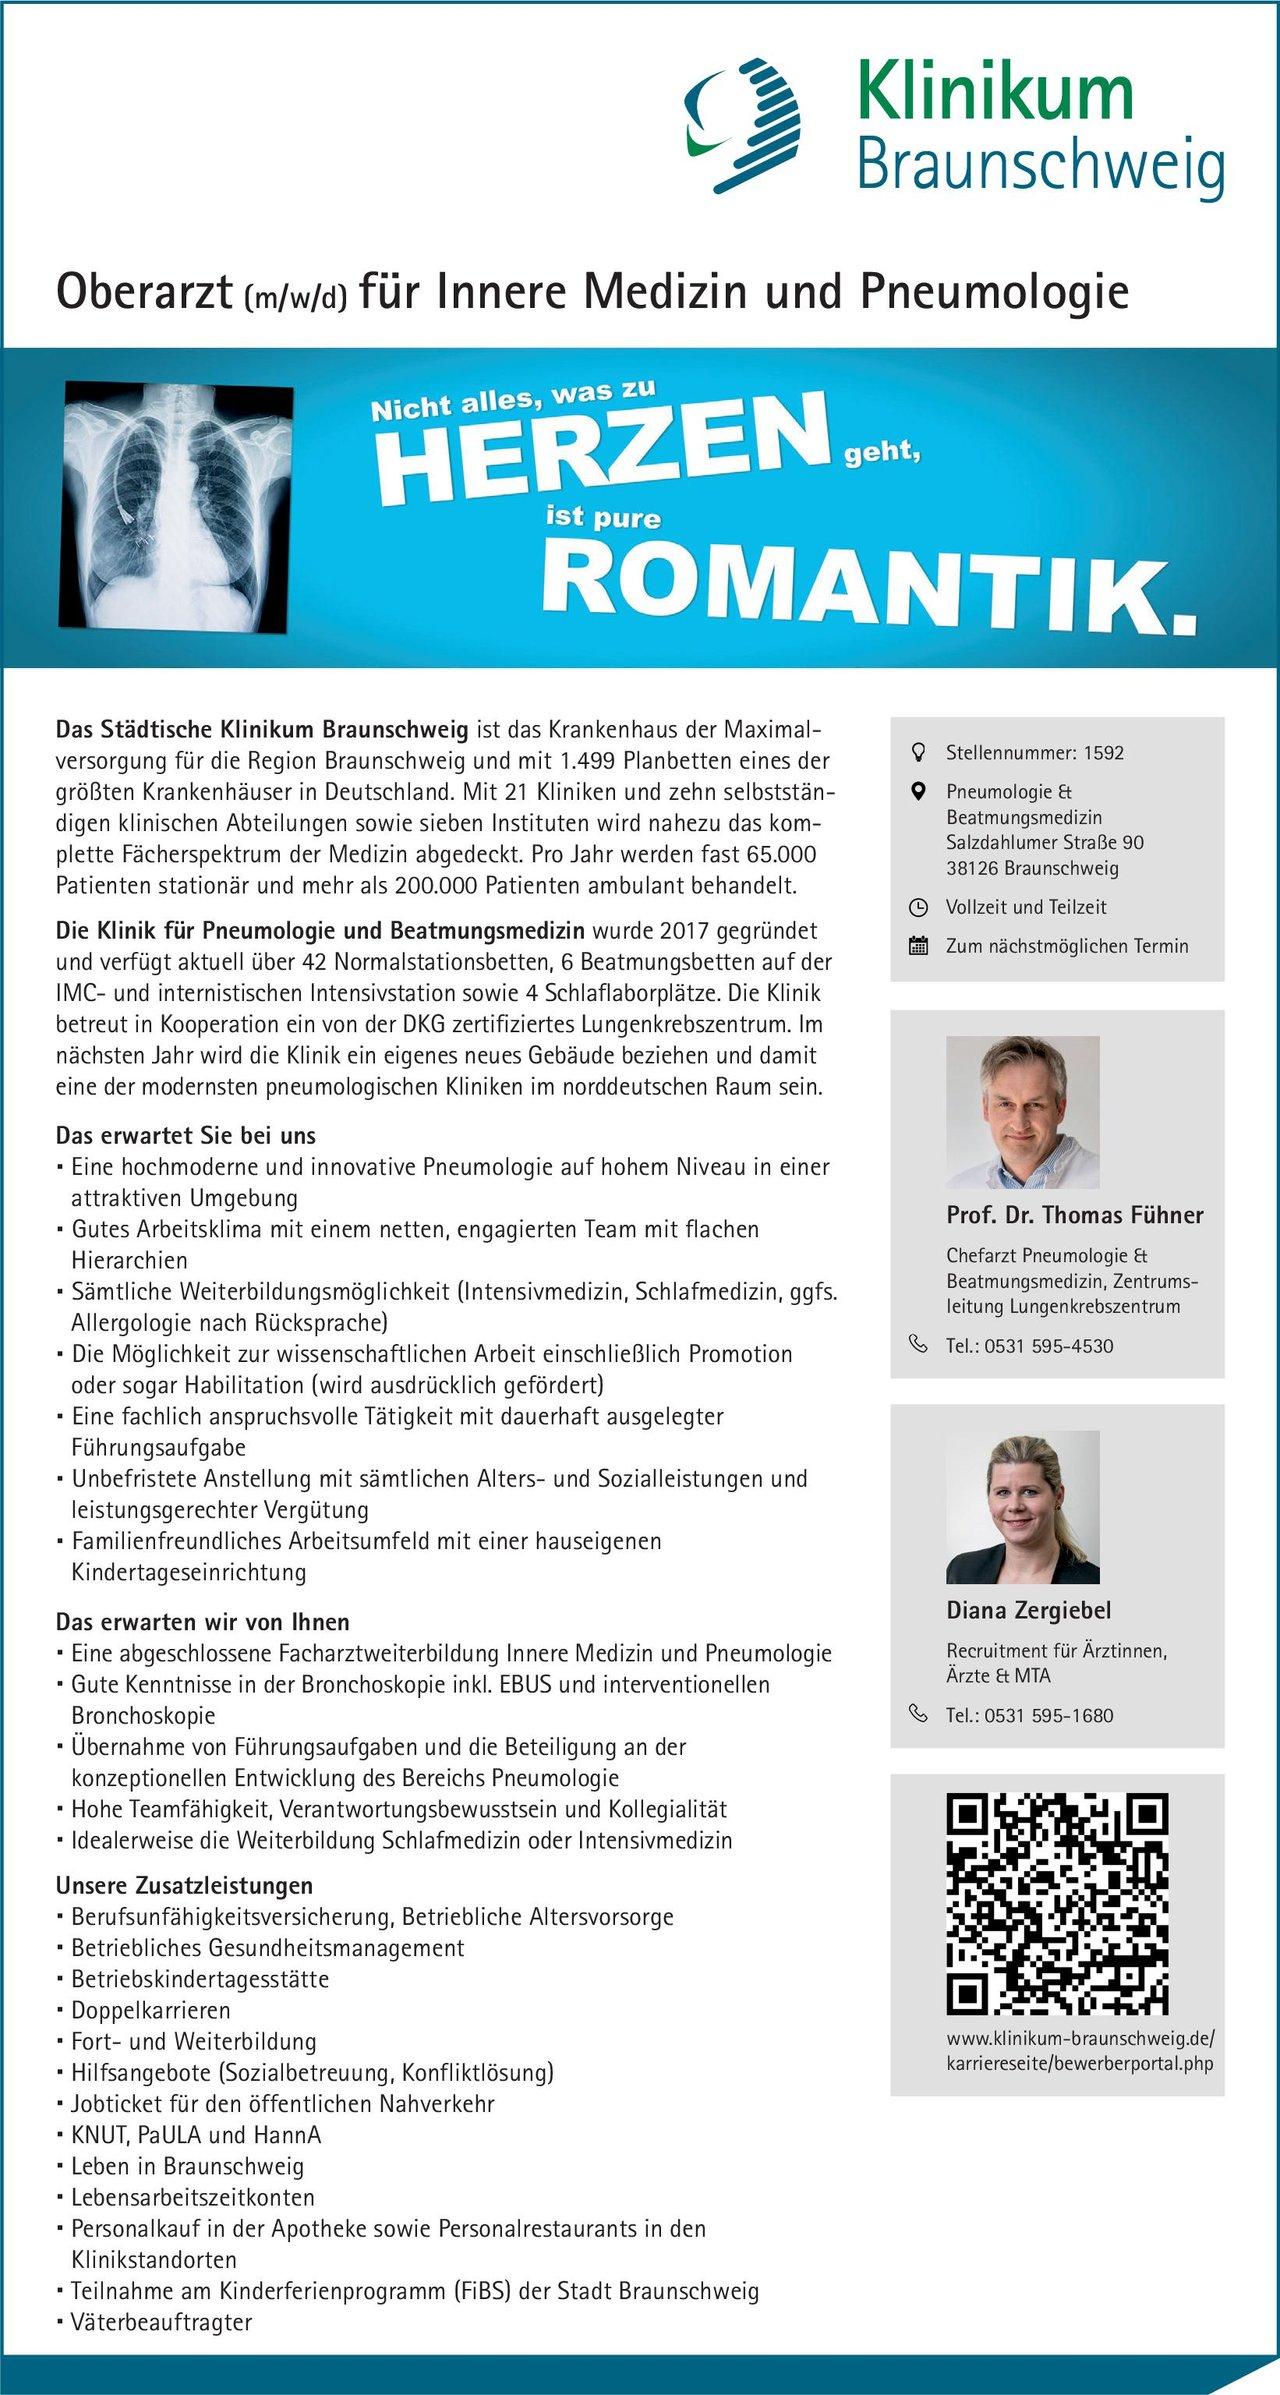 Städtisches Klinikum Braunschweig Oberarzt (m/w/d) für Innere Medizin und Pneumologie  Innere Medizin und Pneumologie, Innere Medizin Oberarzt